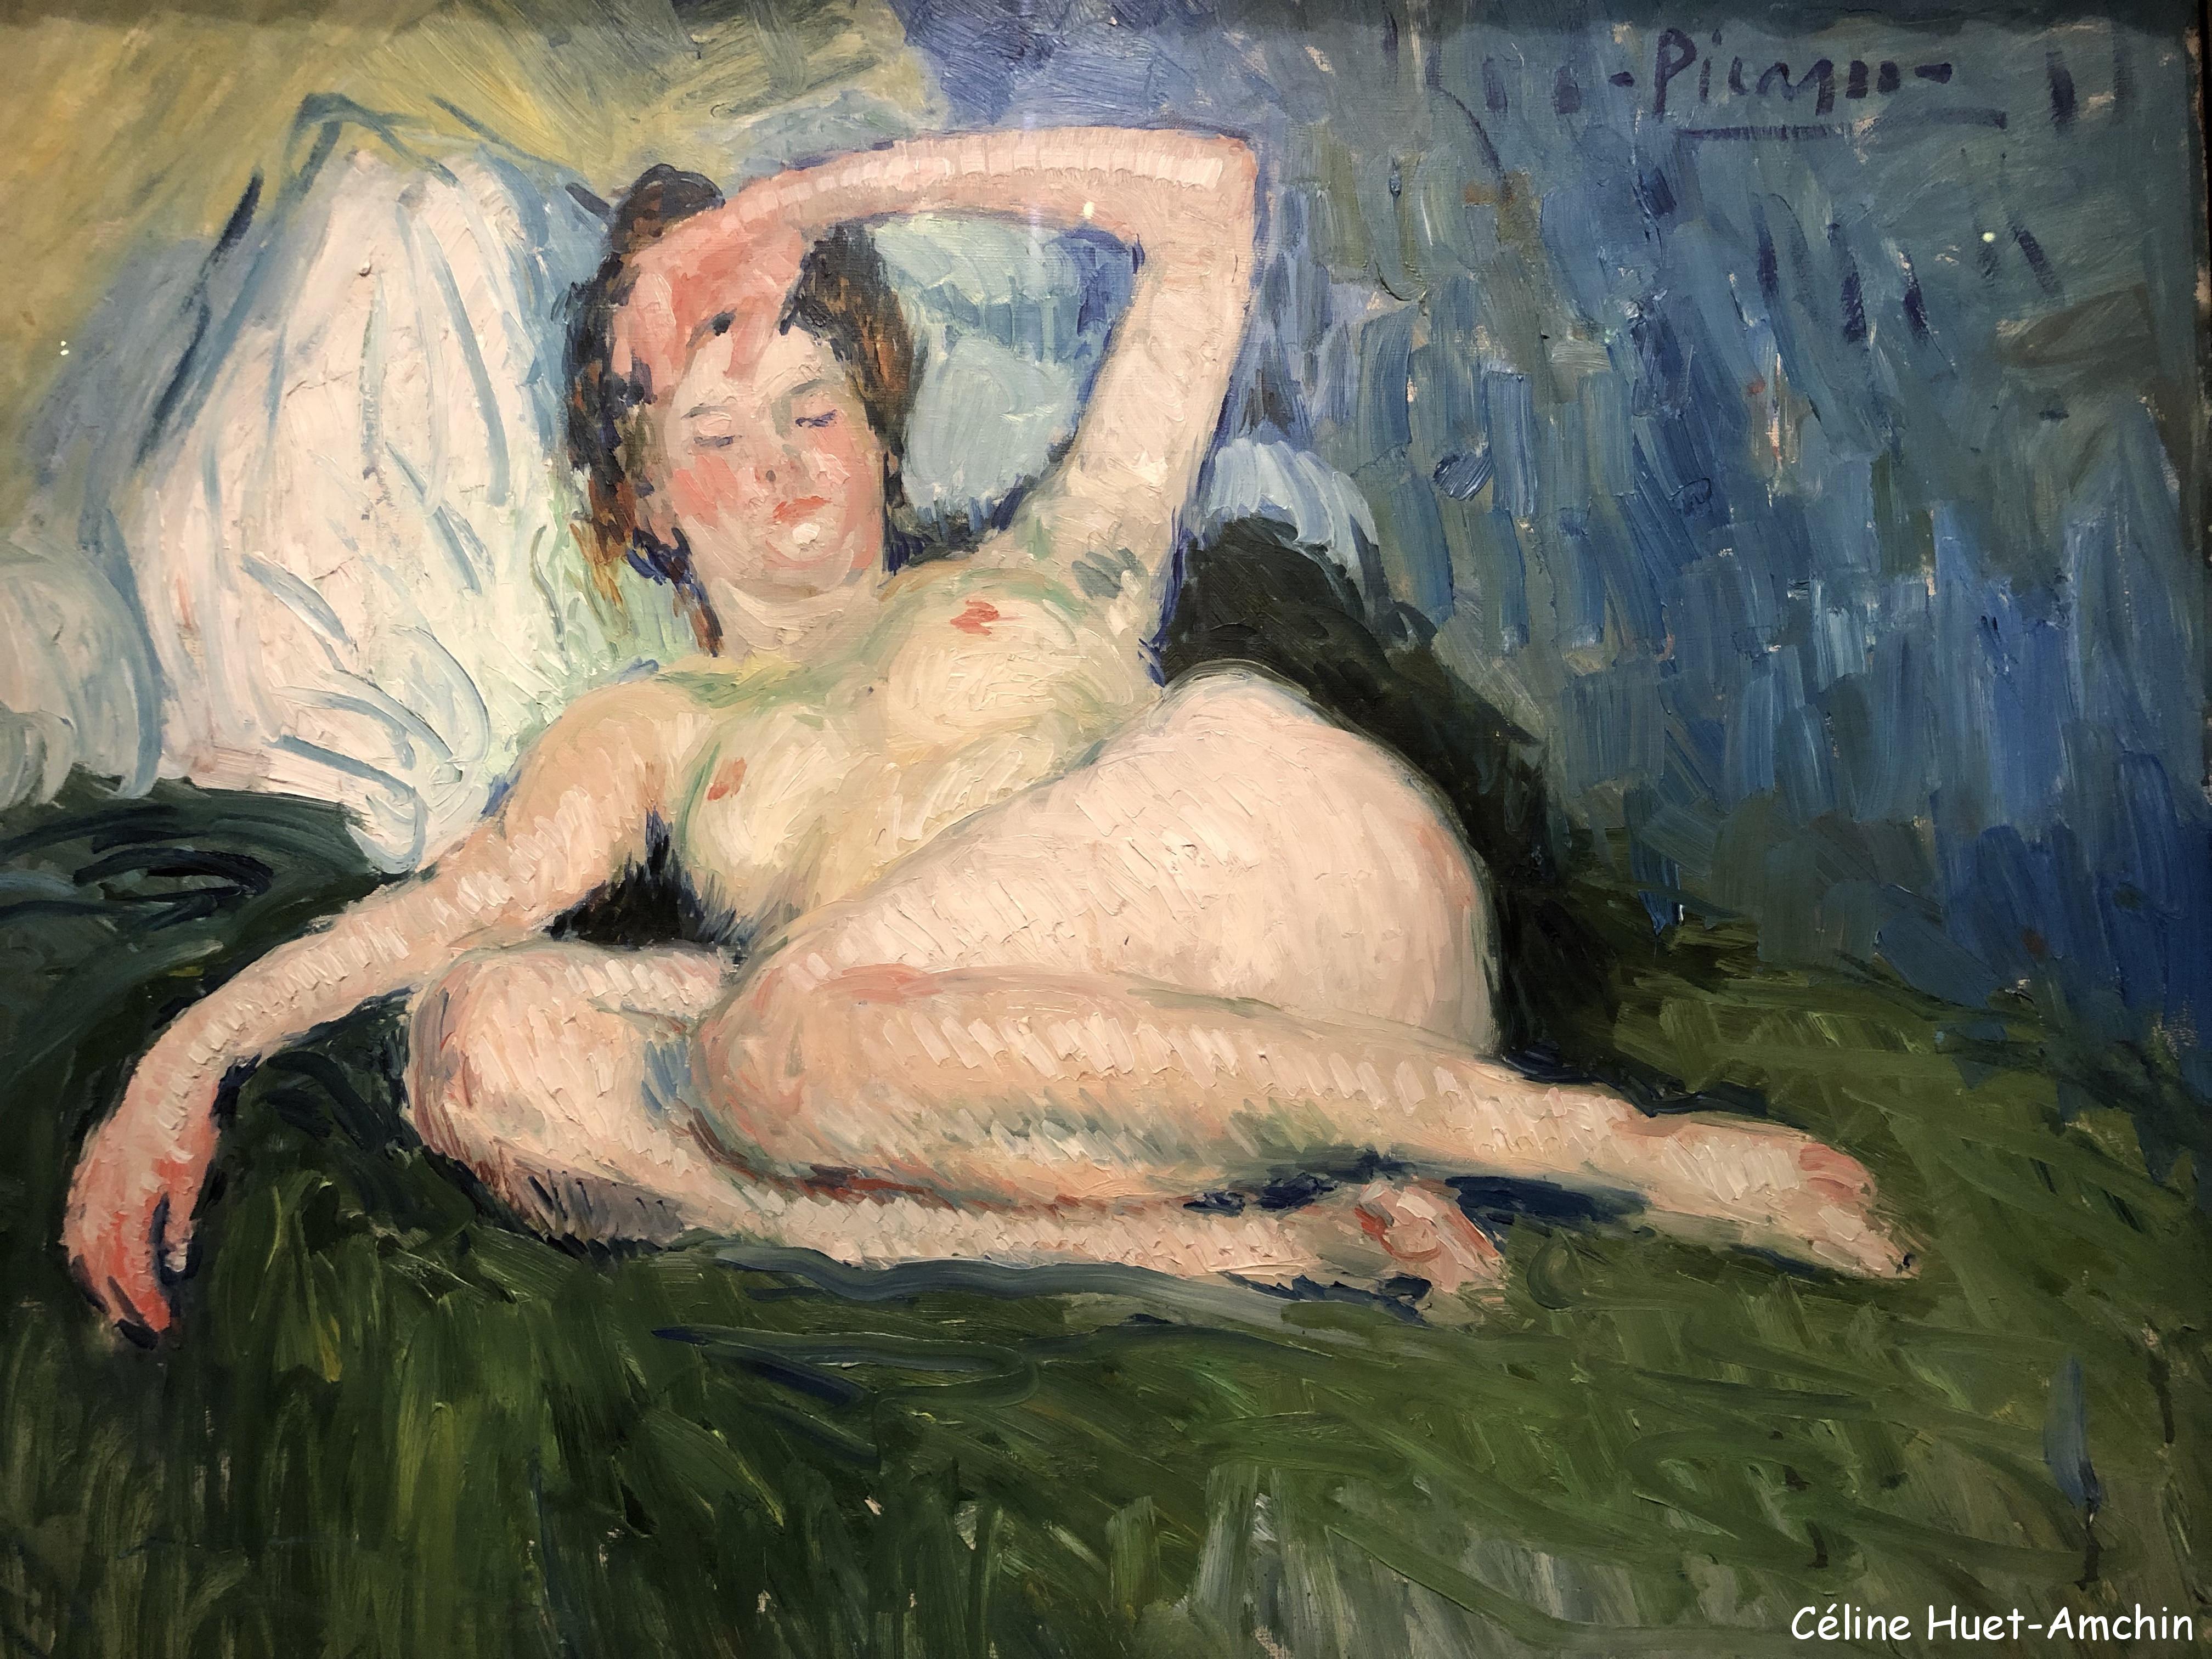 Jeanne Exposition Picasso bleu et rose Musée d'Orsay Paris